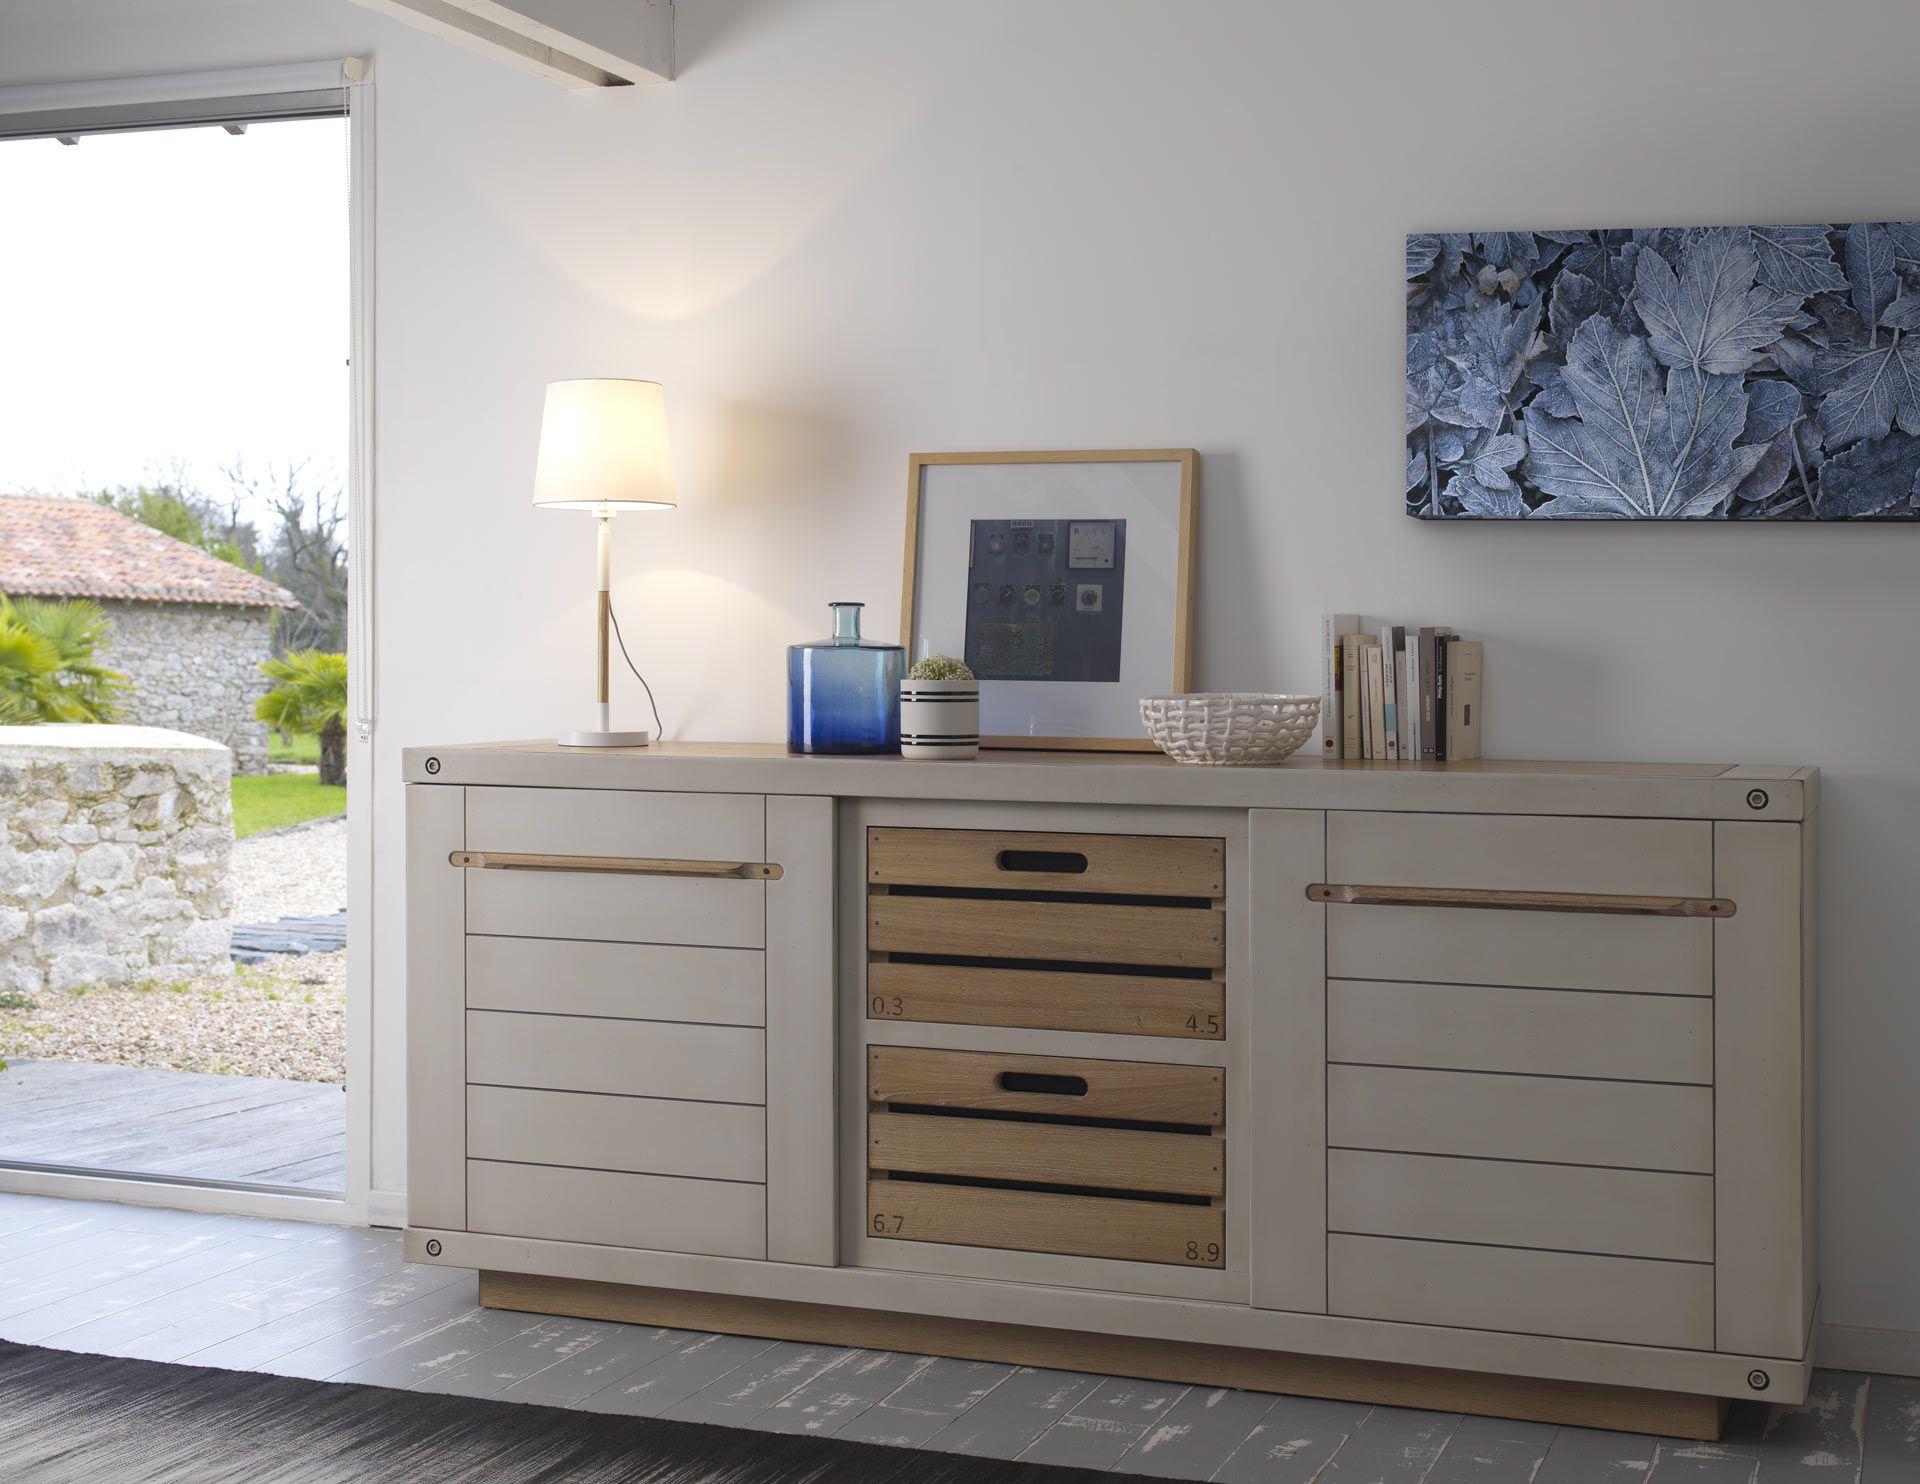 bahut salle manger michigan en ch ne style atelier casier meubles au style industriel. Black Bedroom Furniture Sets. Home Design Ideas